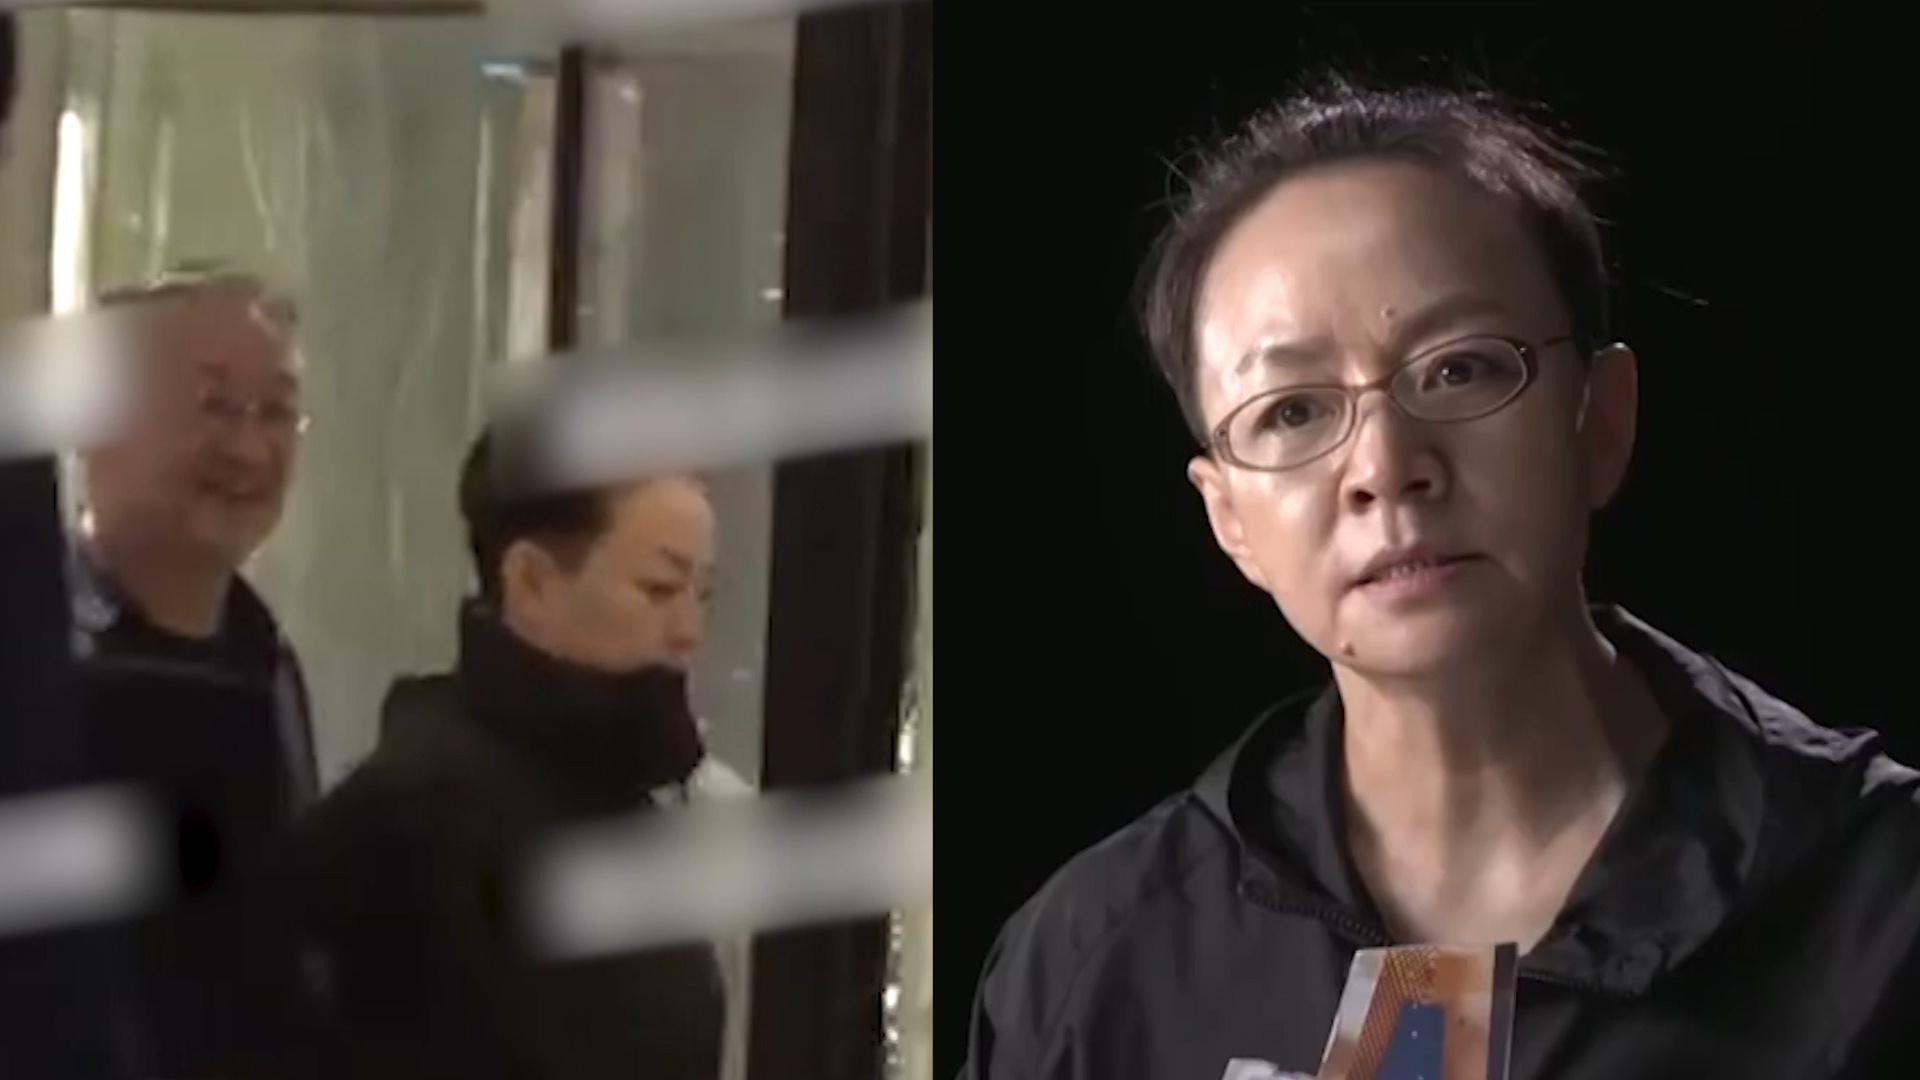 宋丹丹深夜和赵宝刚聚会,有说有笑气氛融洽,早前多次谈及想退休